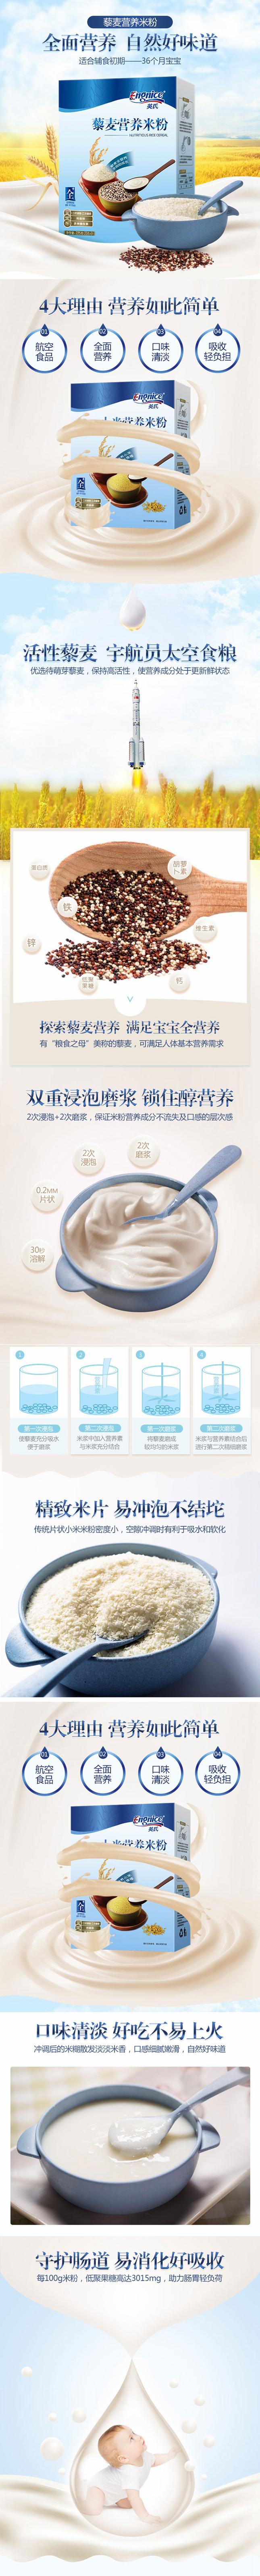 藜麦营养米粉.jpg